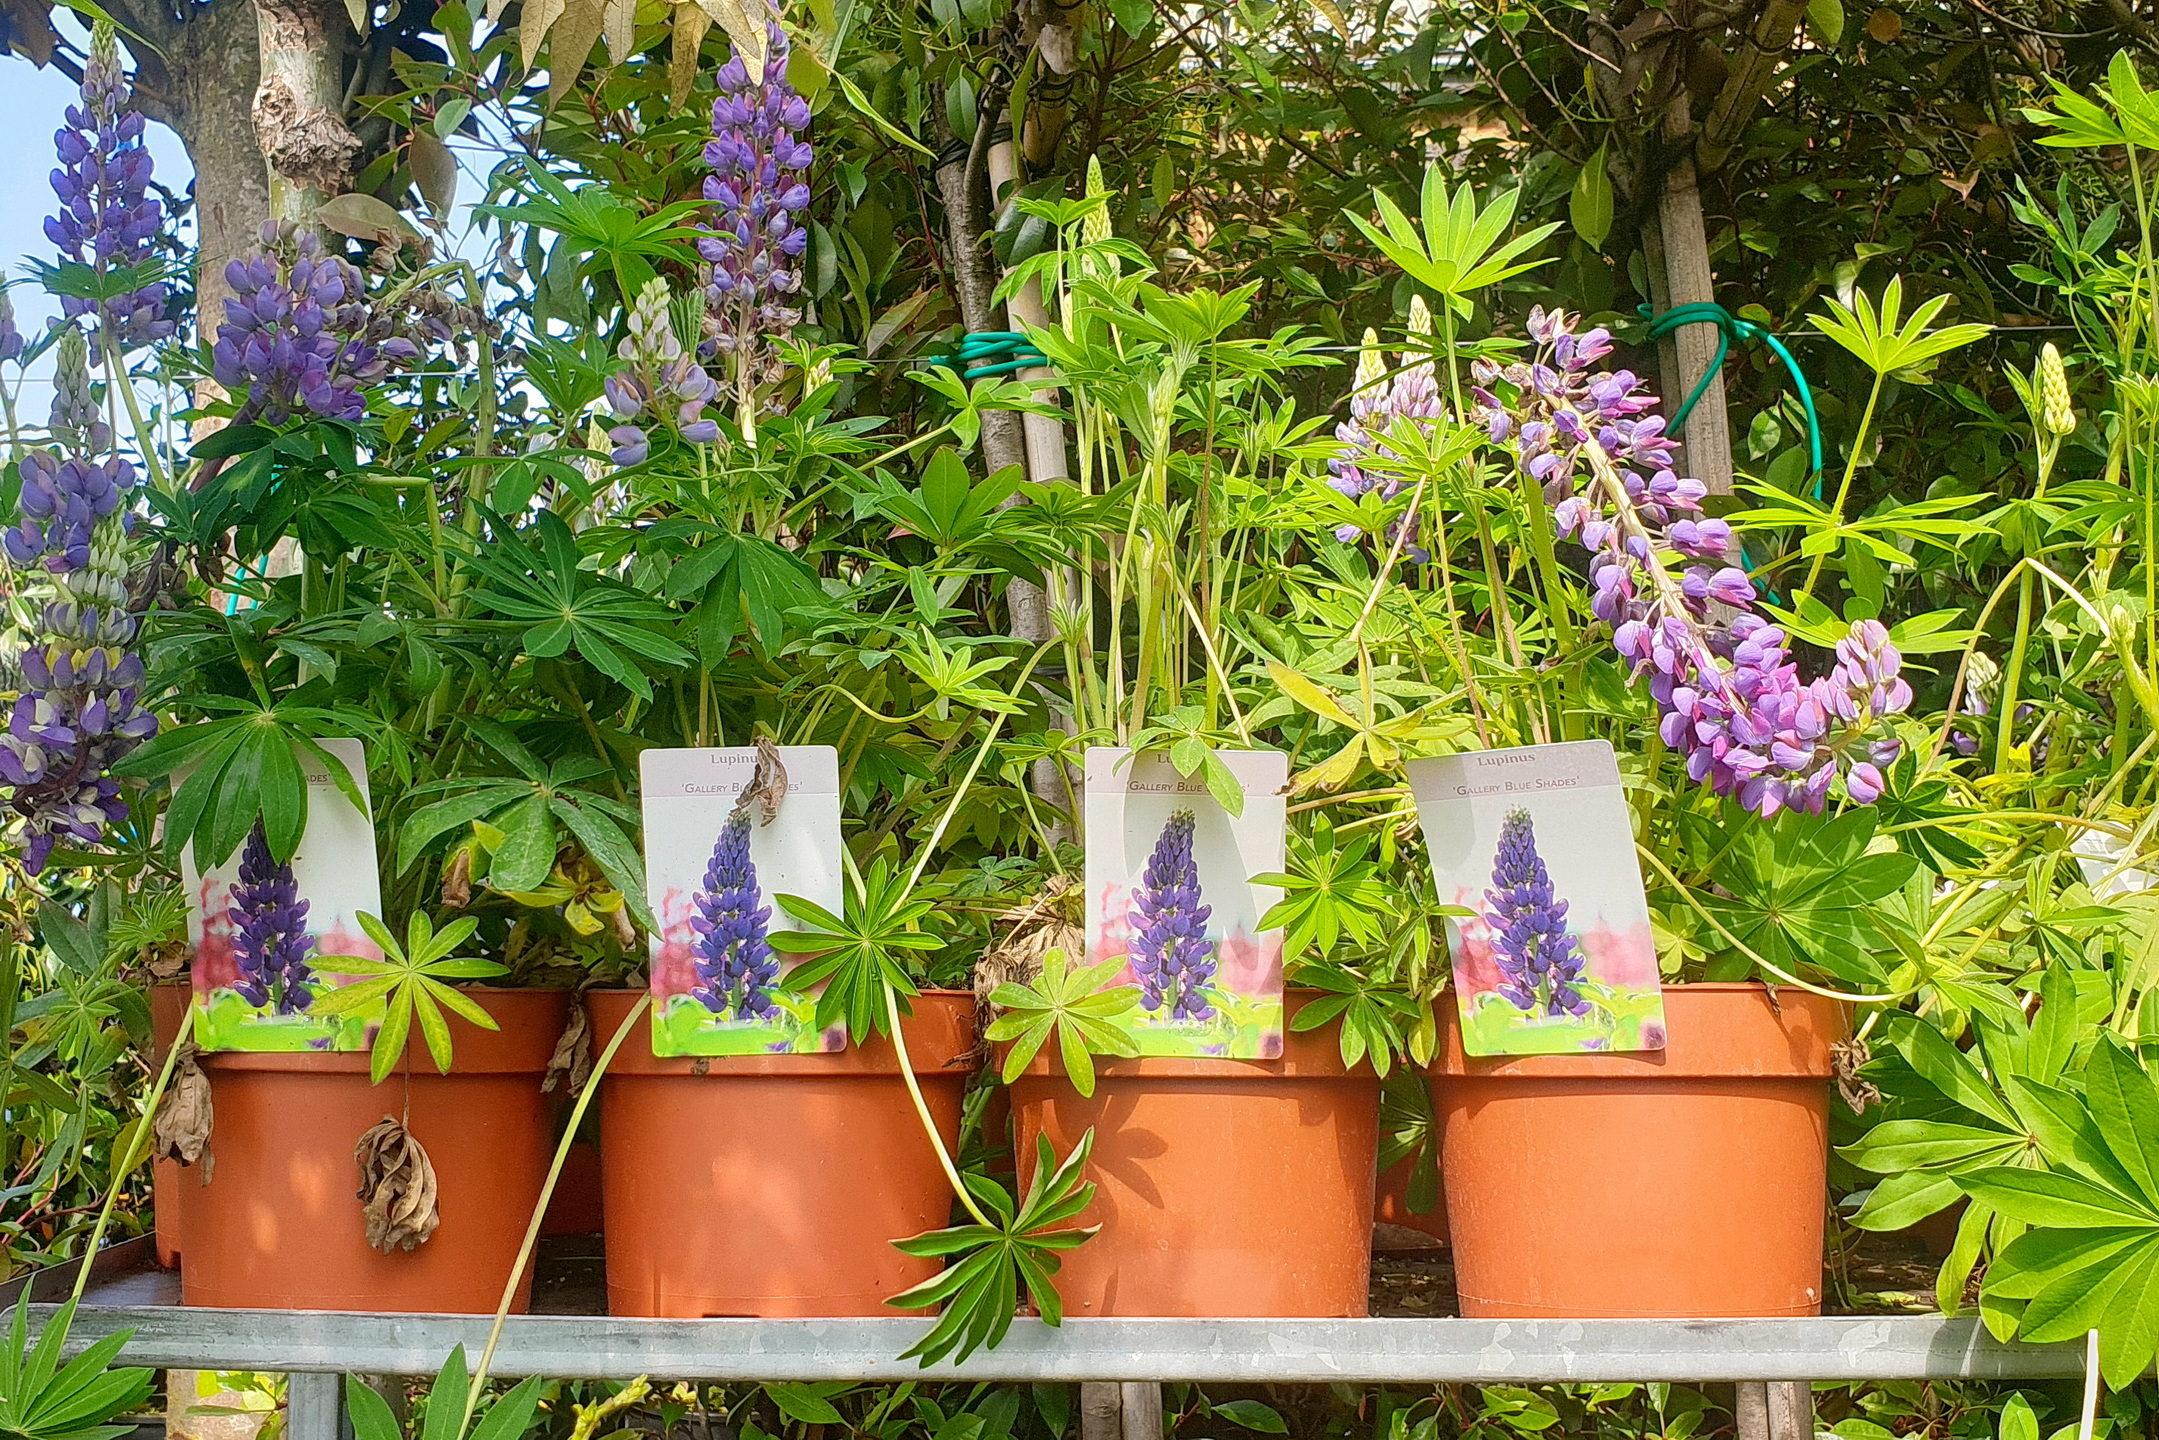 Le-jardin-des-oliviers-21-06-12-21.jpg